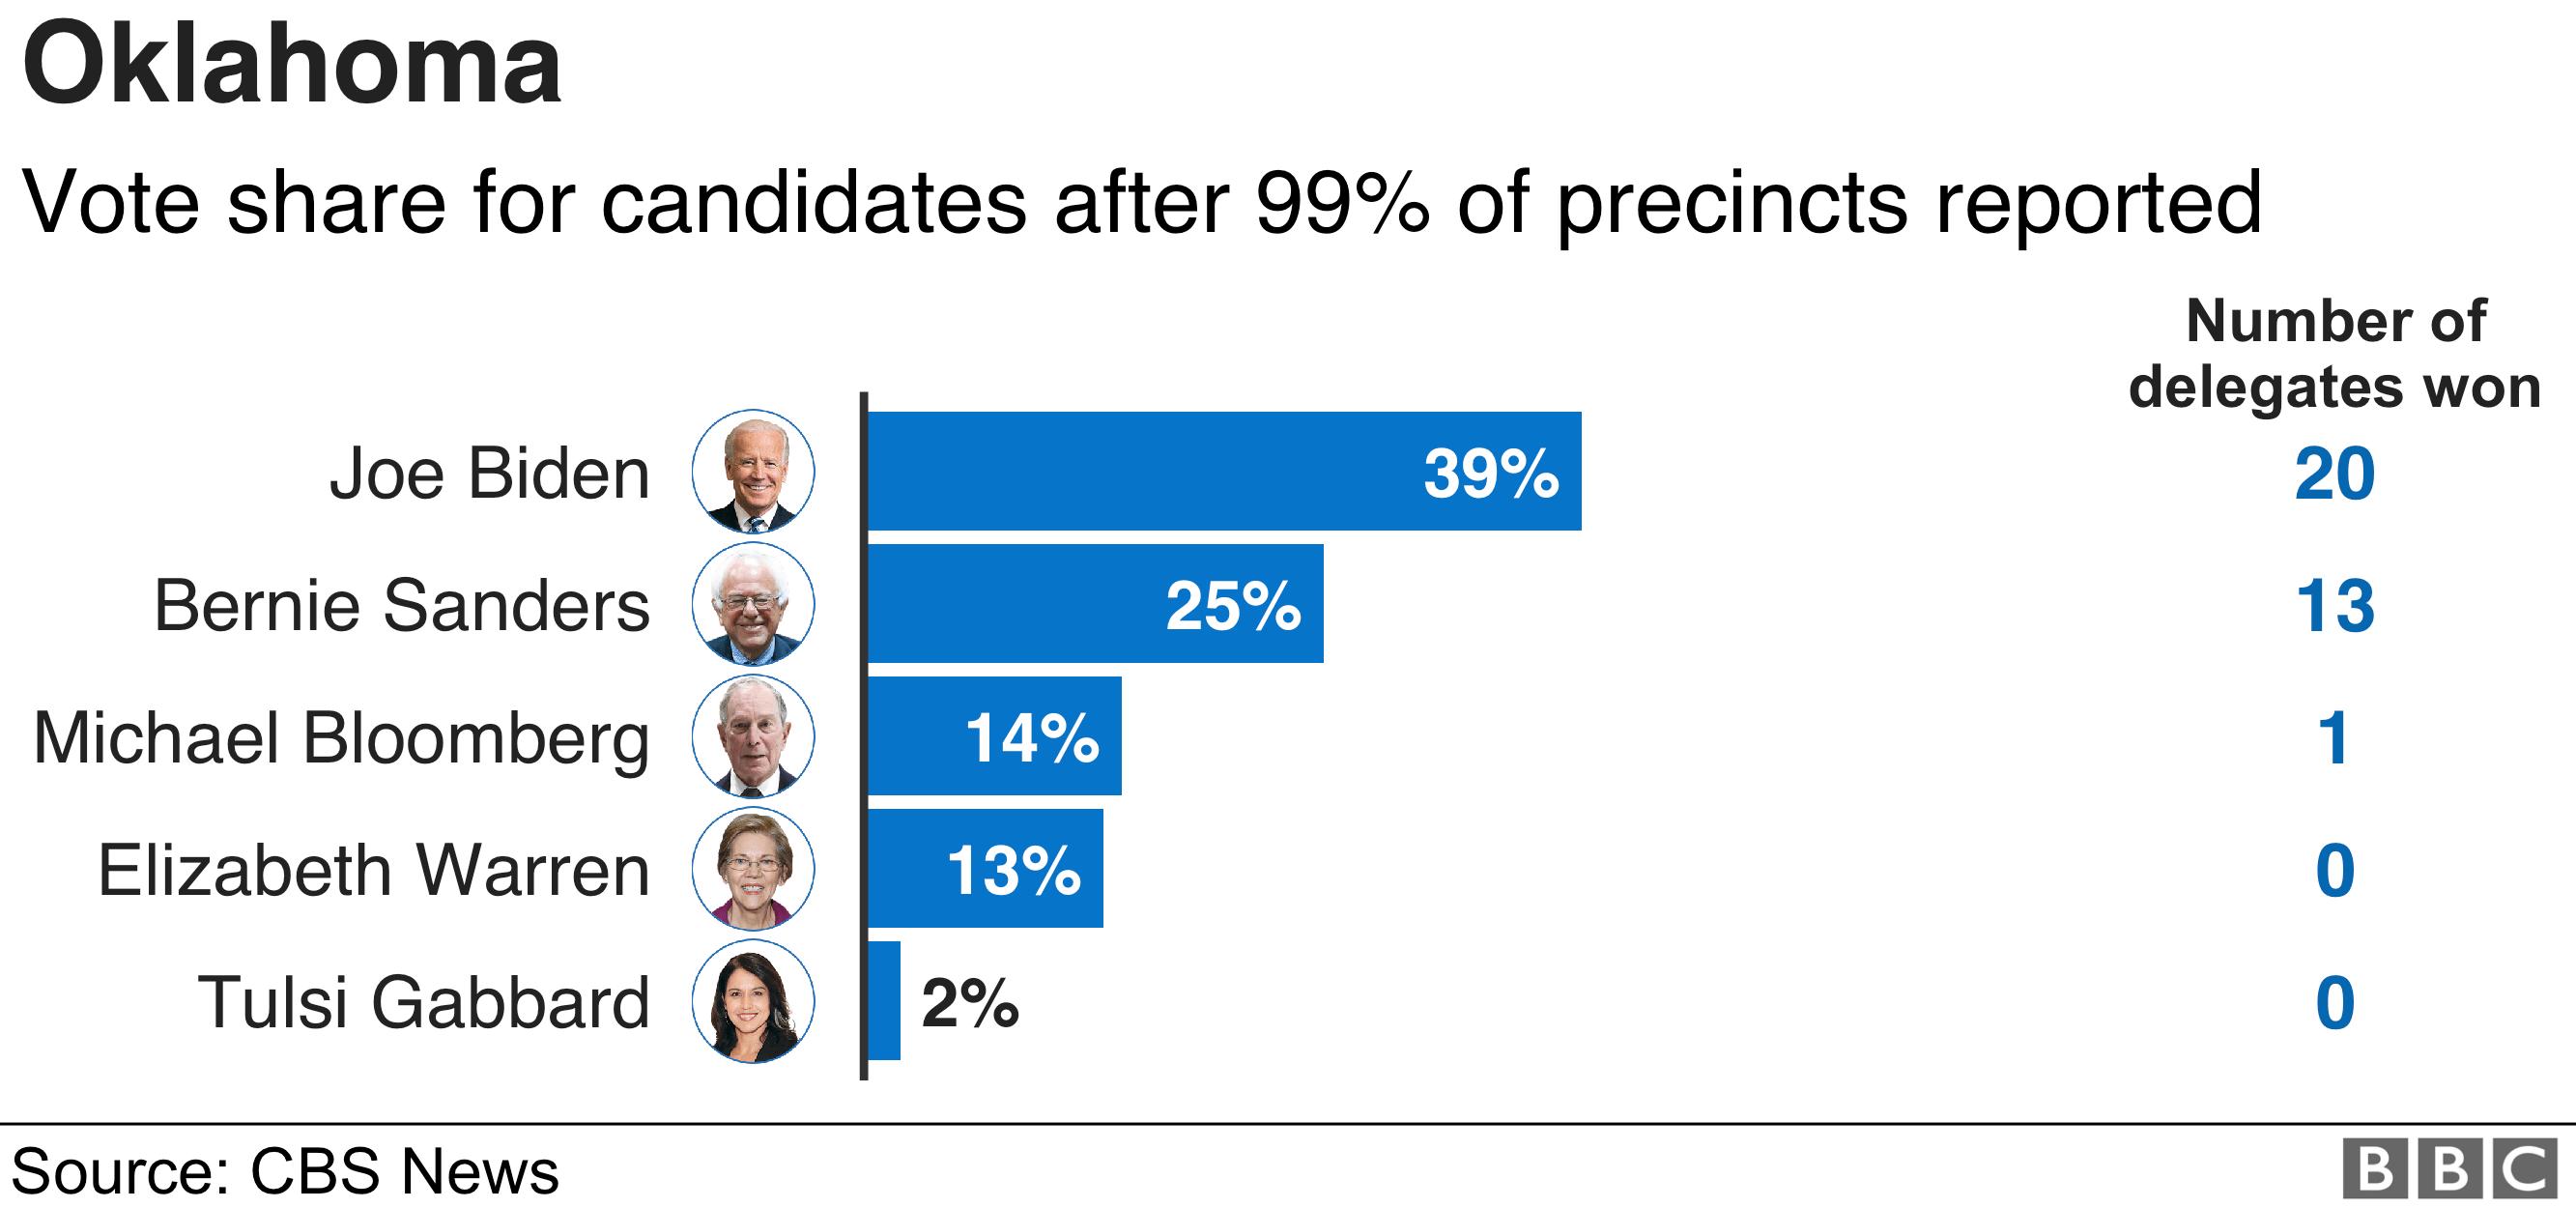 Oklahoma results